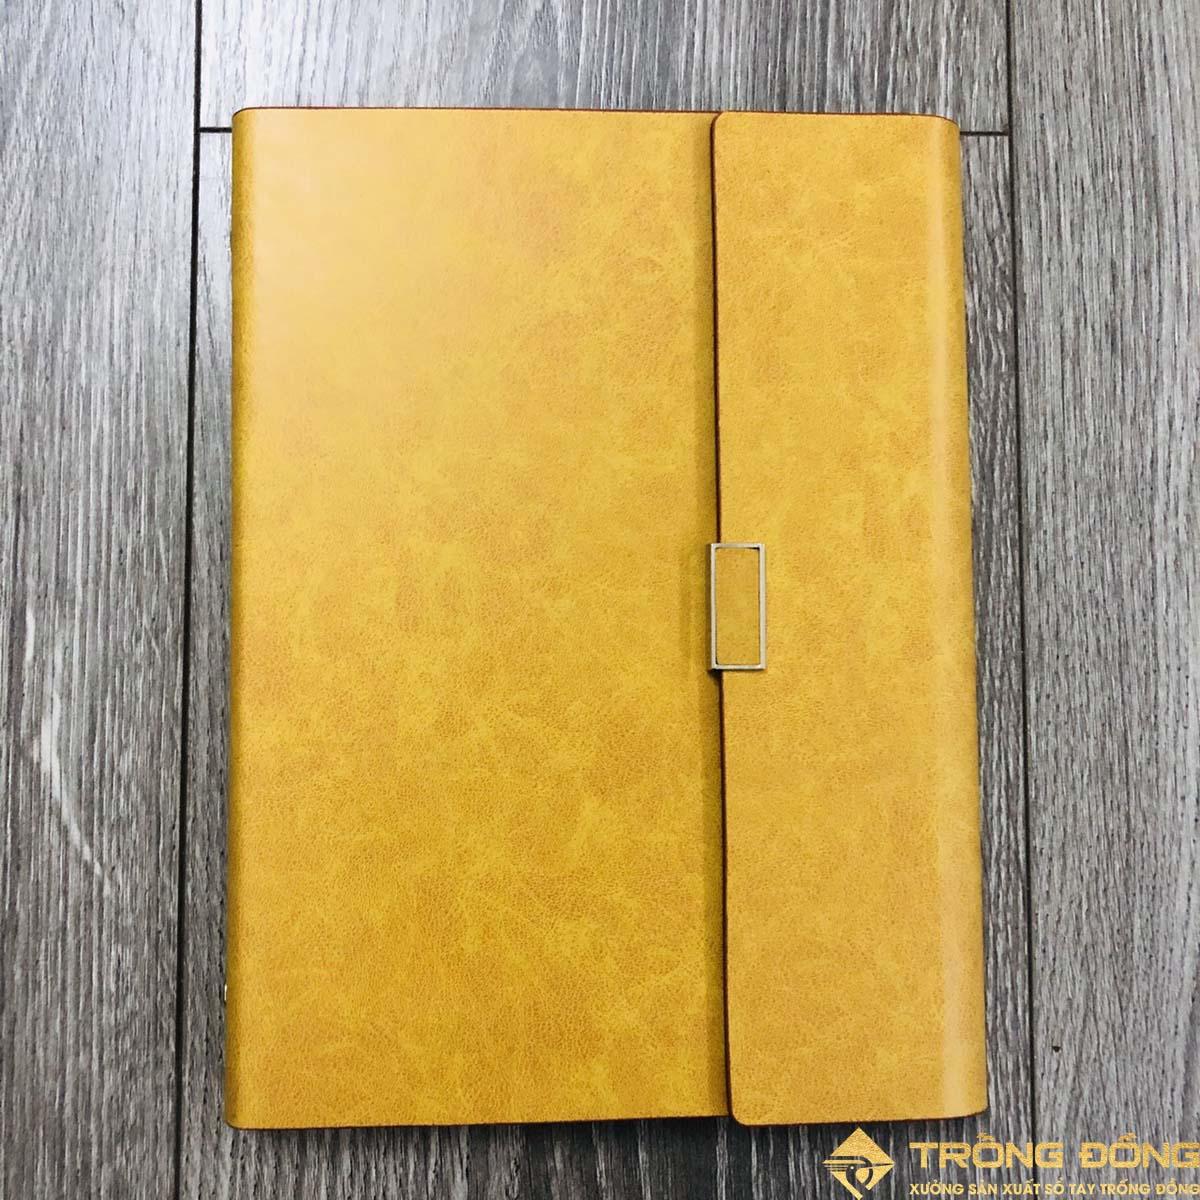 Phần mặt trước của bìa sổ da có sẵn màu vàng bò mẫu LSA5-01B